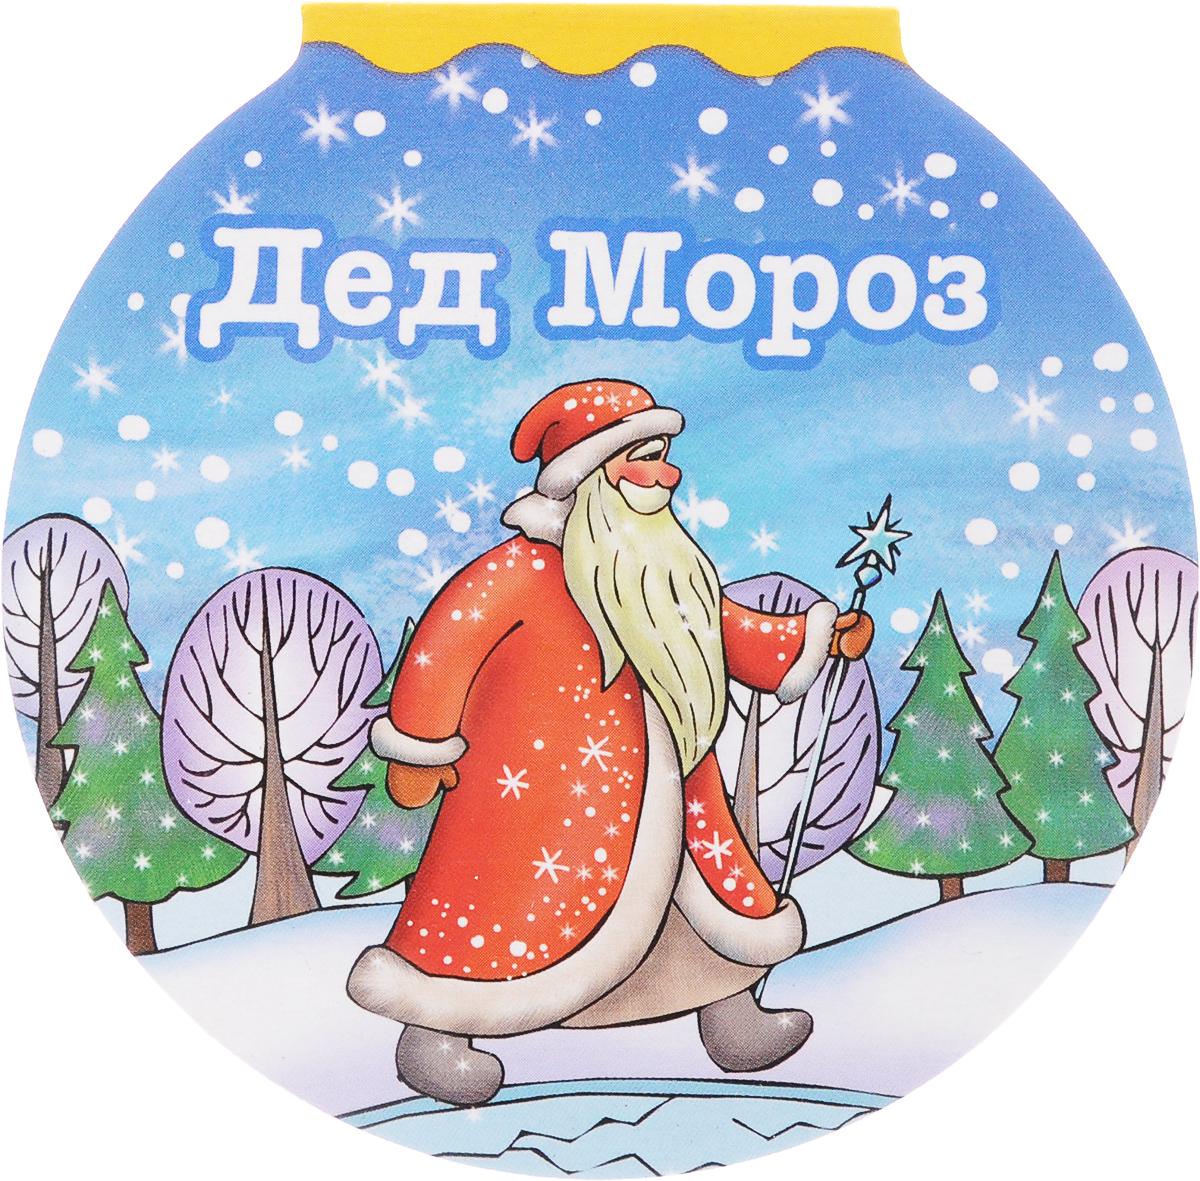 цены на З. Н. Александрова Дед Мороз  в интернет-магазинах